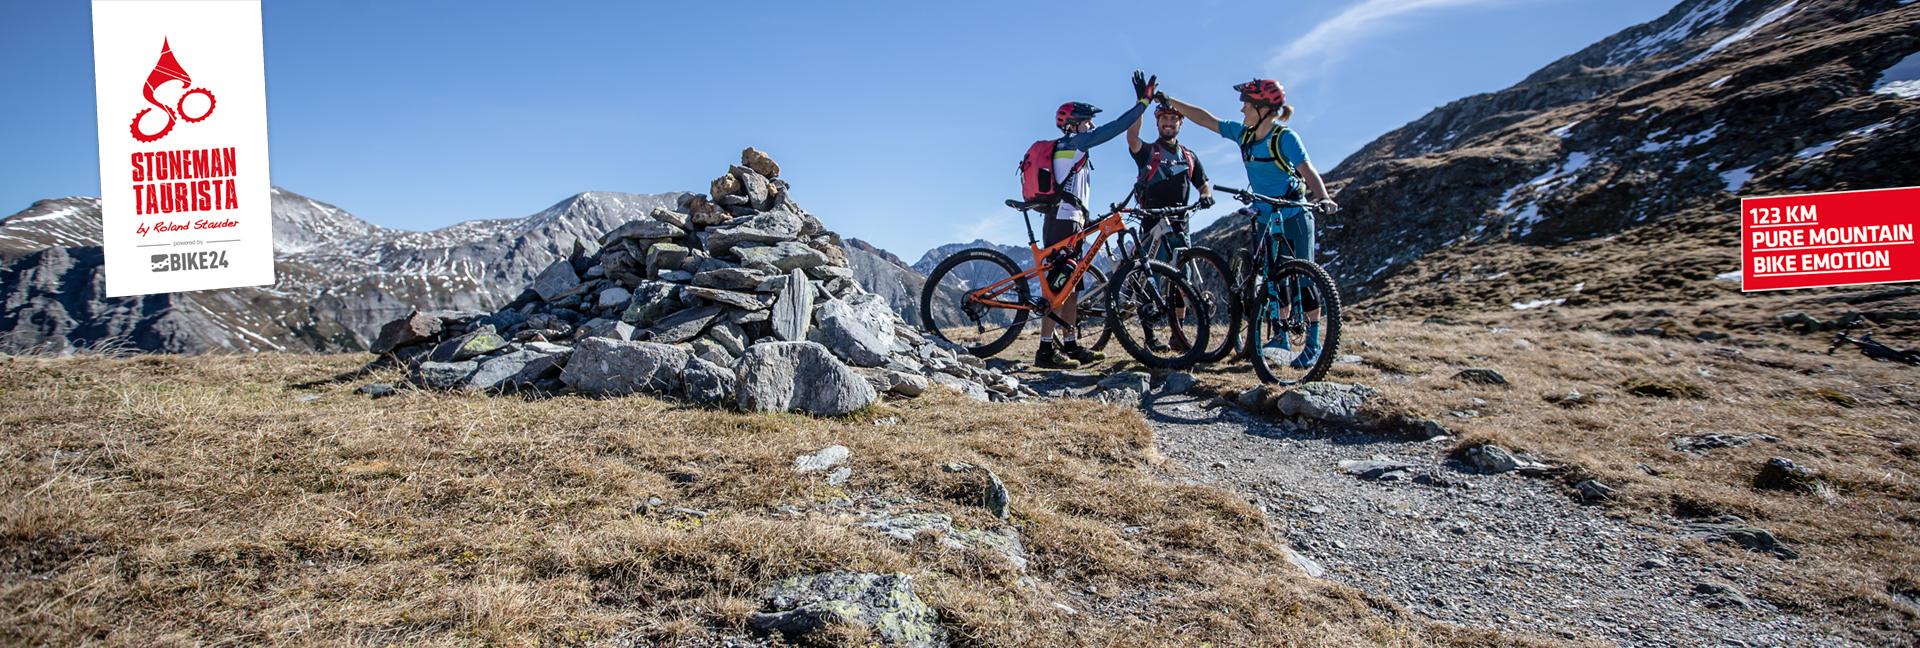 Der Stoneman Taurista von Roland Stauder - 123 km pure Mountainbike Emotion